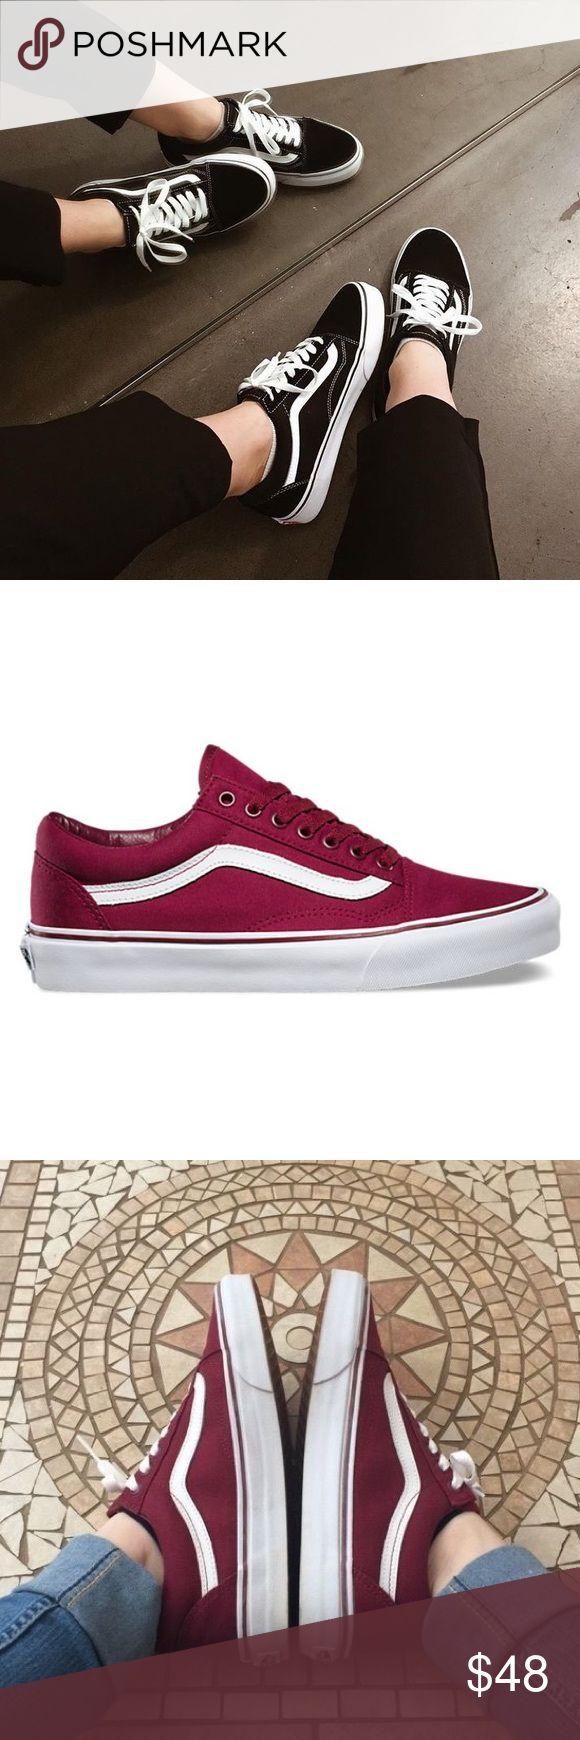 Maroon Vans / women's Genuine women's maroon low top Vans! Great condition! ♥️♥️♥️♥️♥️ PRICE FIRM Vans Shoes